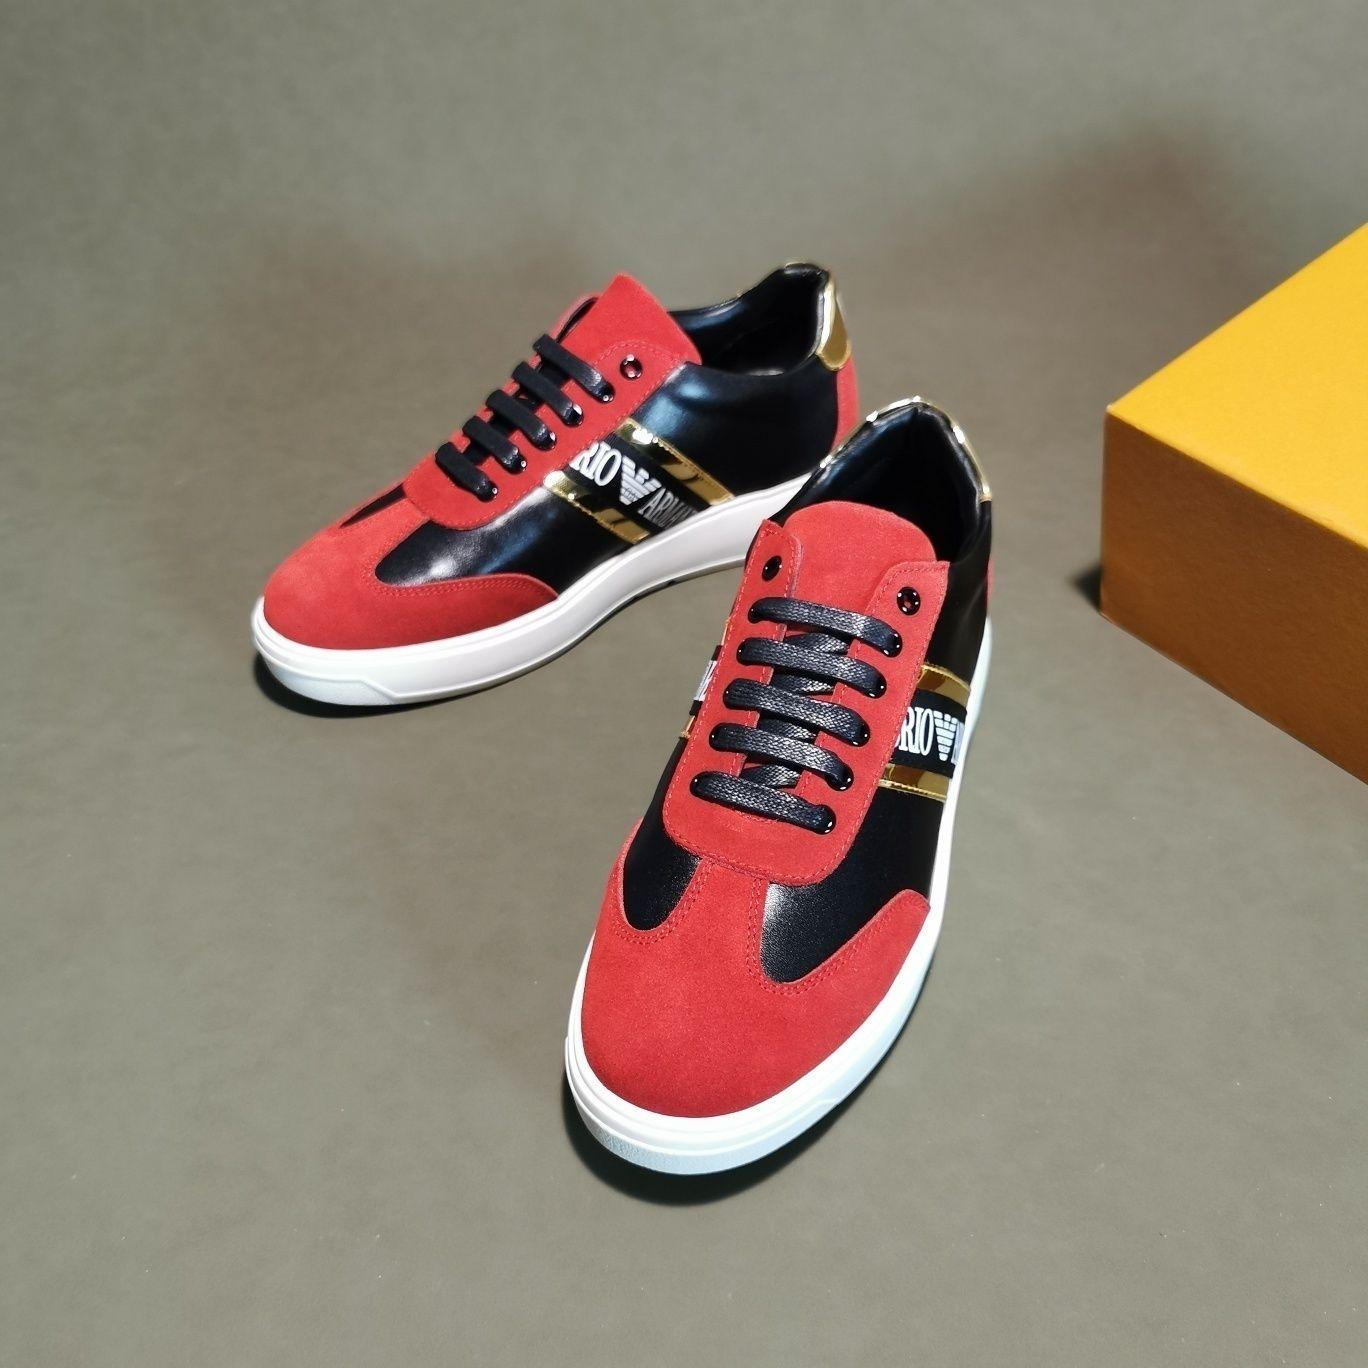 superior calidad de zapatos para hombre zapatillas de deporte casuales zapatos 20200311-452 * 14521 FN1F FN1FOLMK